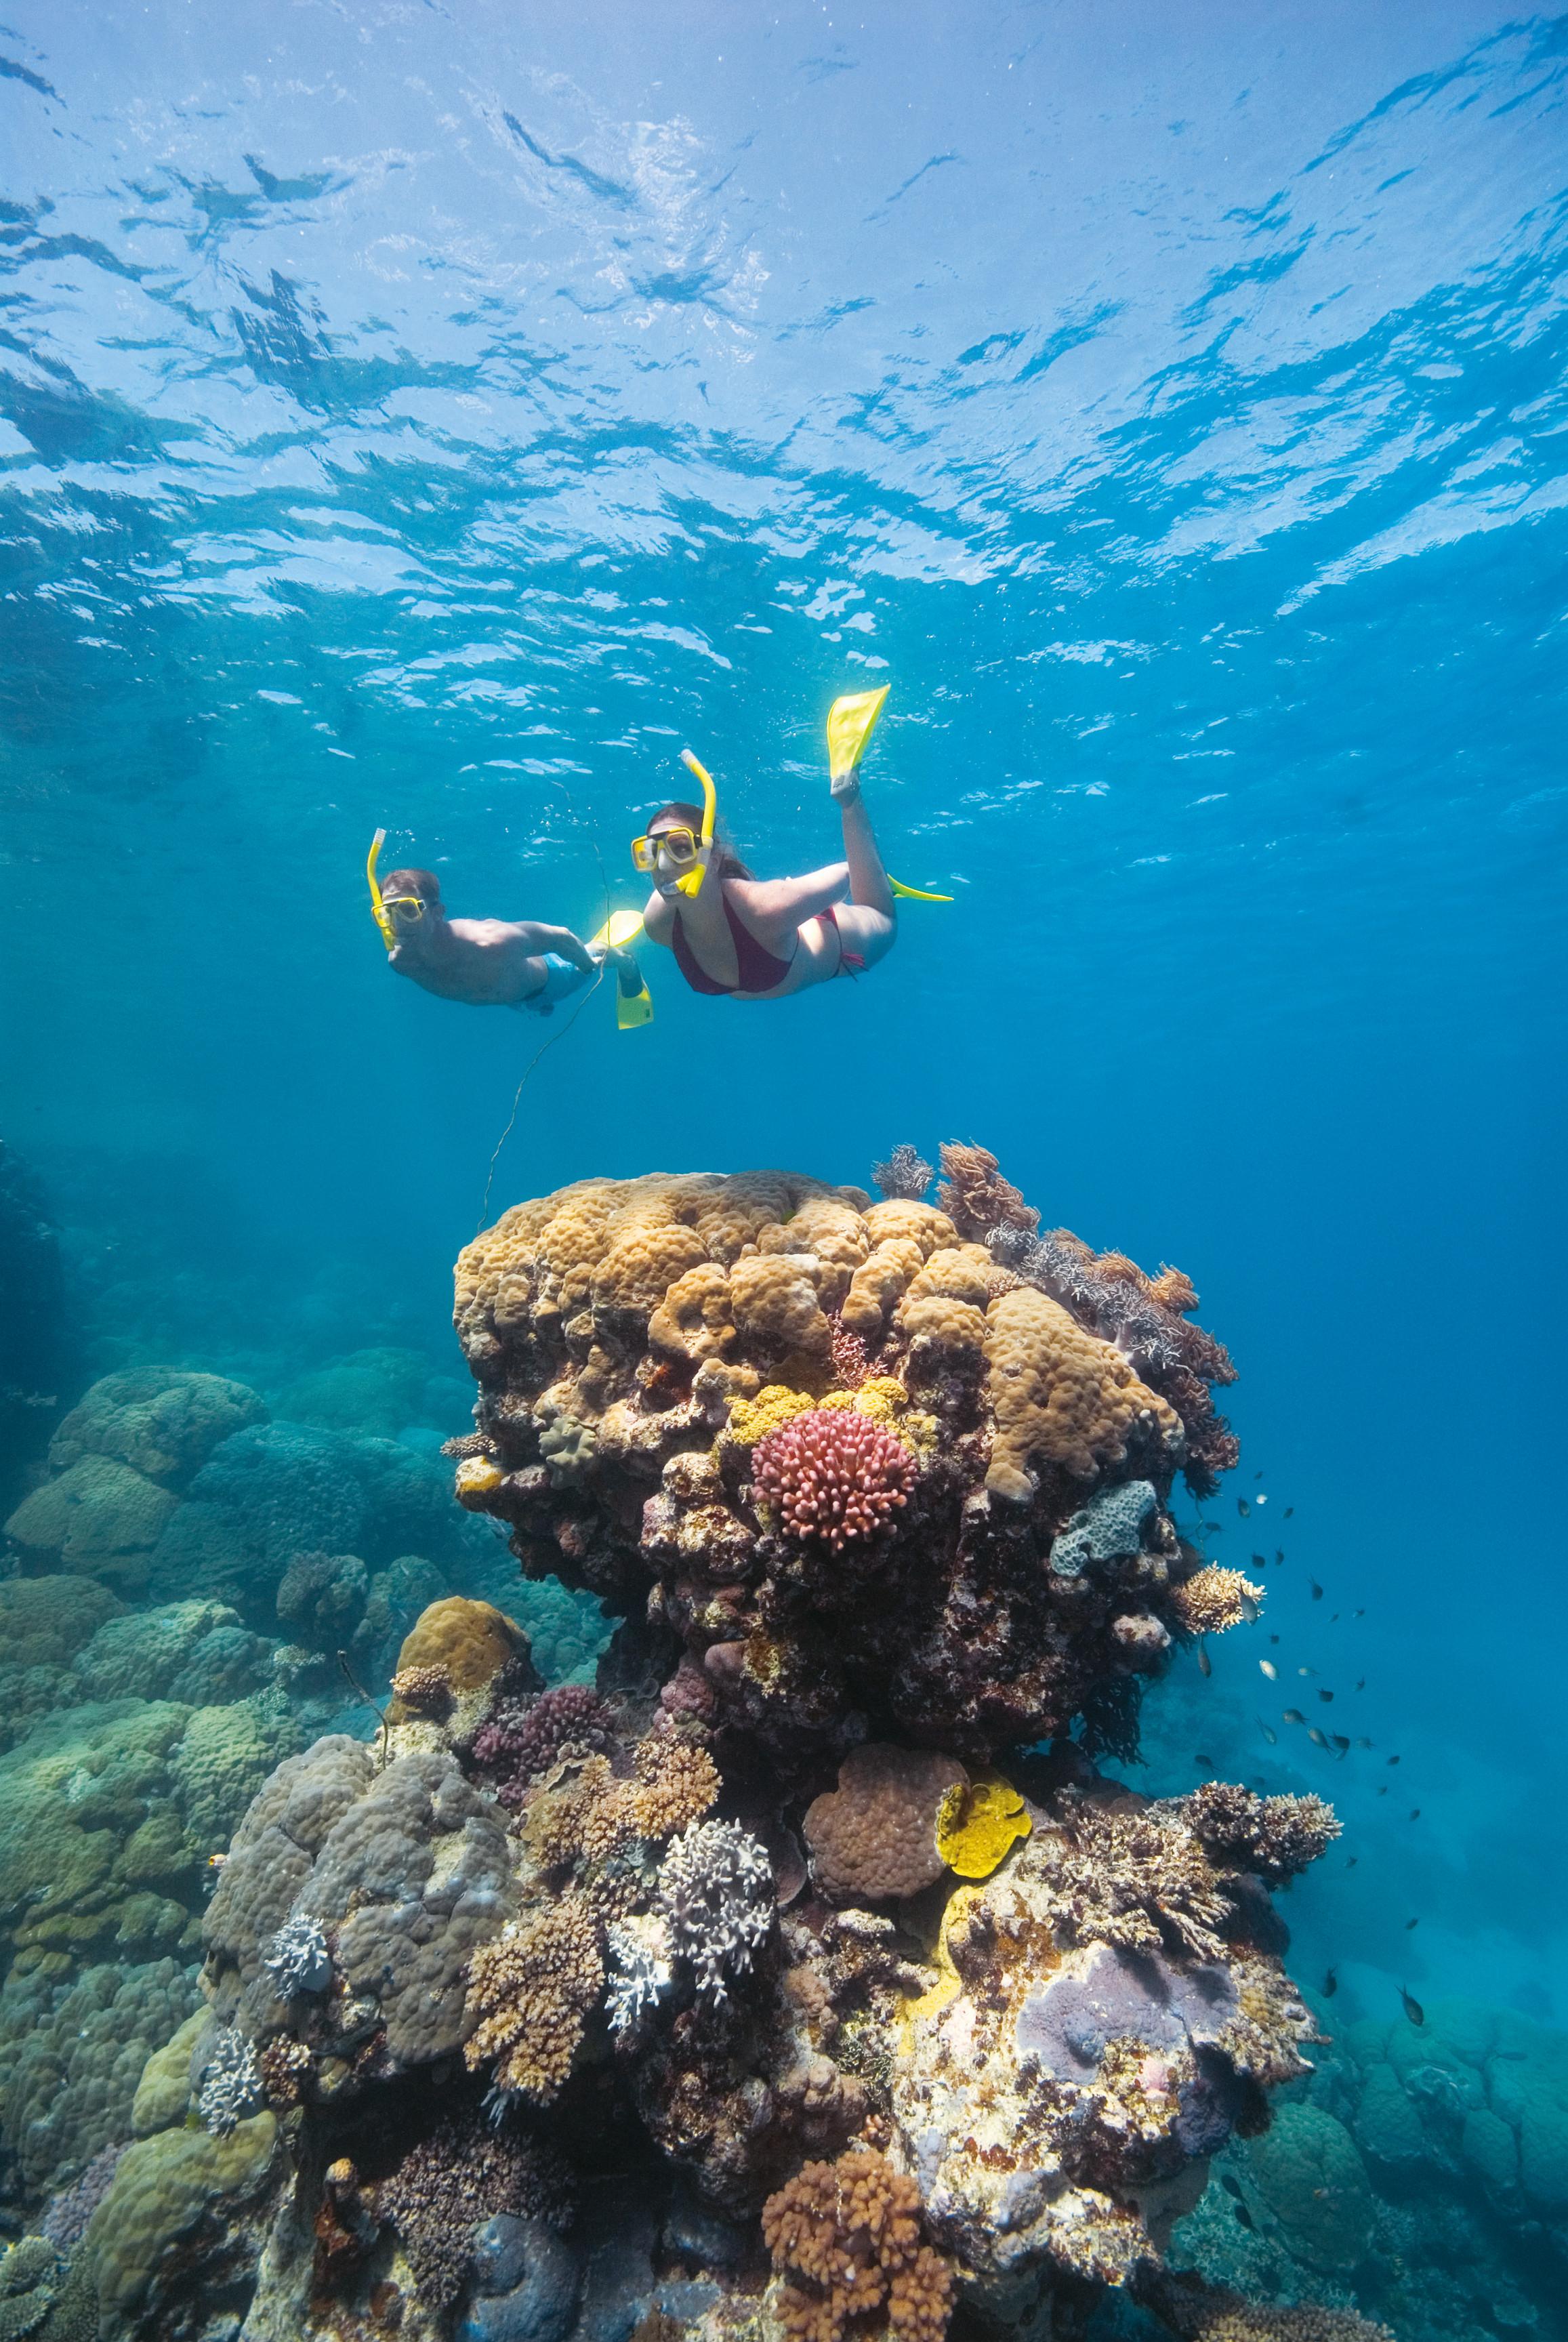 Snorkelling_Coral_Great Barrier Reef.jpg